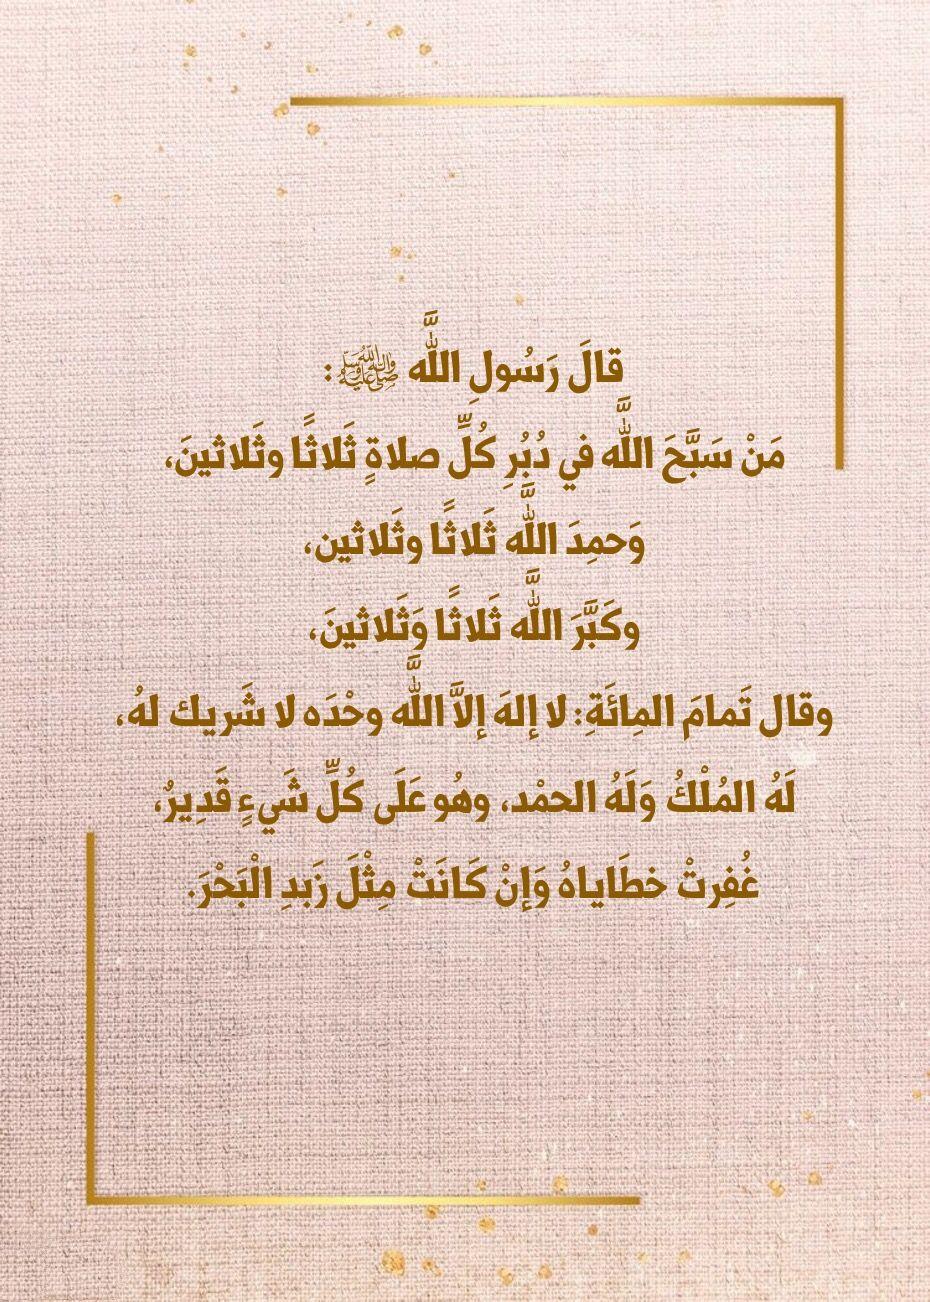 من سبح في دبر كل صلاة Quran Quotes Verses Quran Quotes Verses